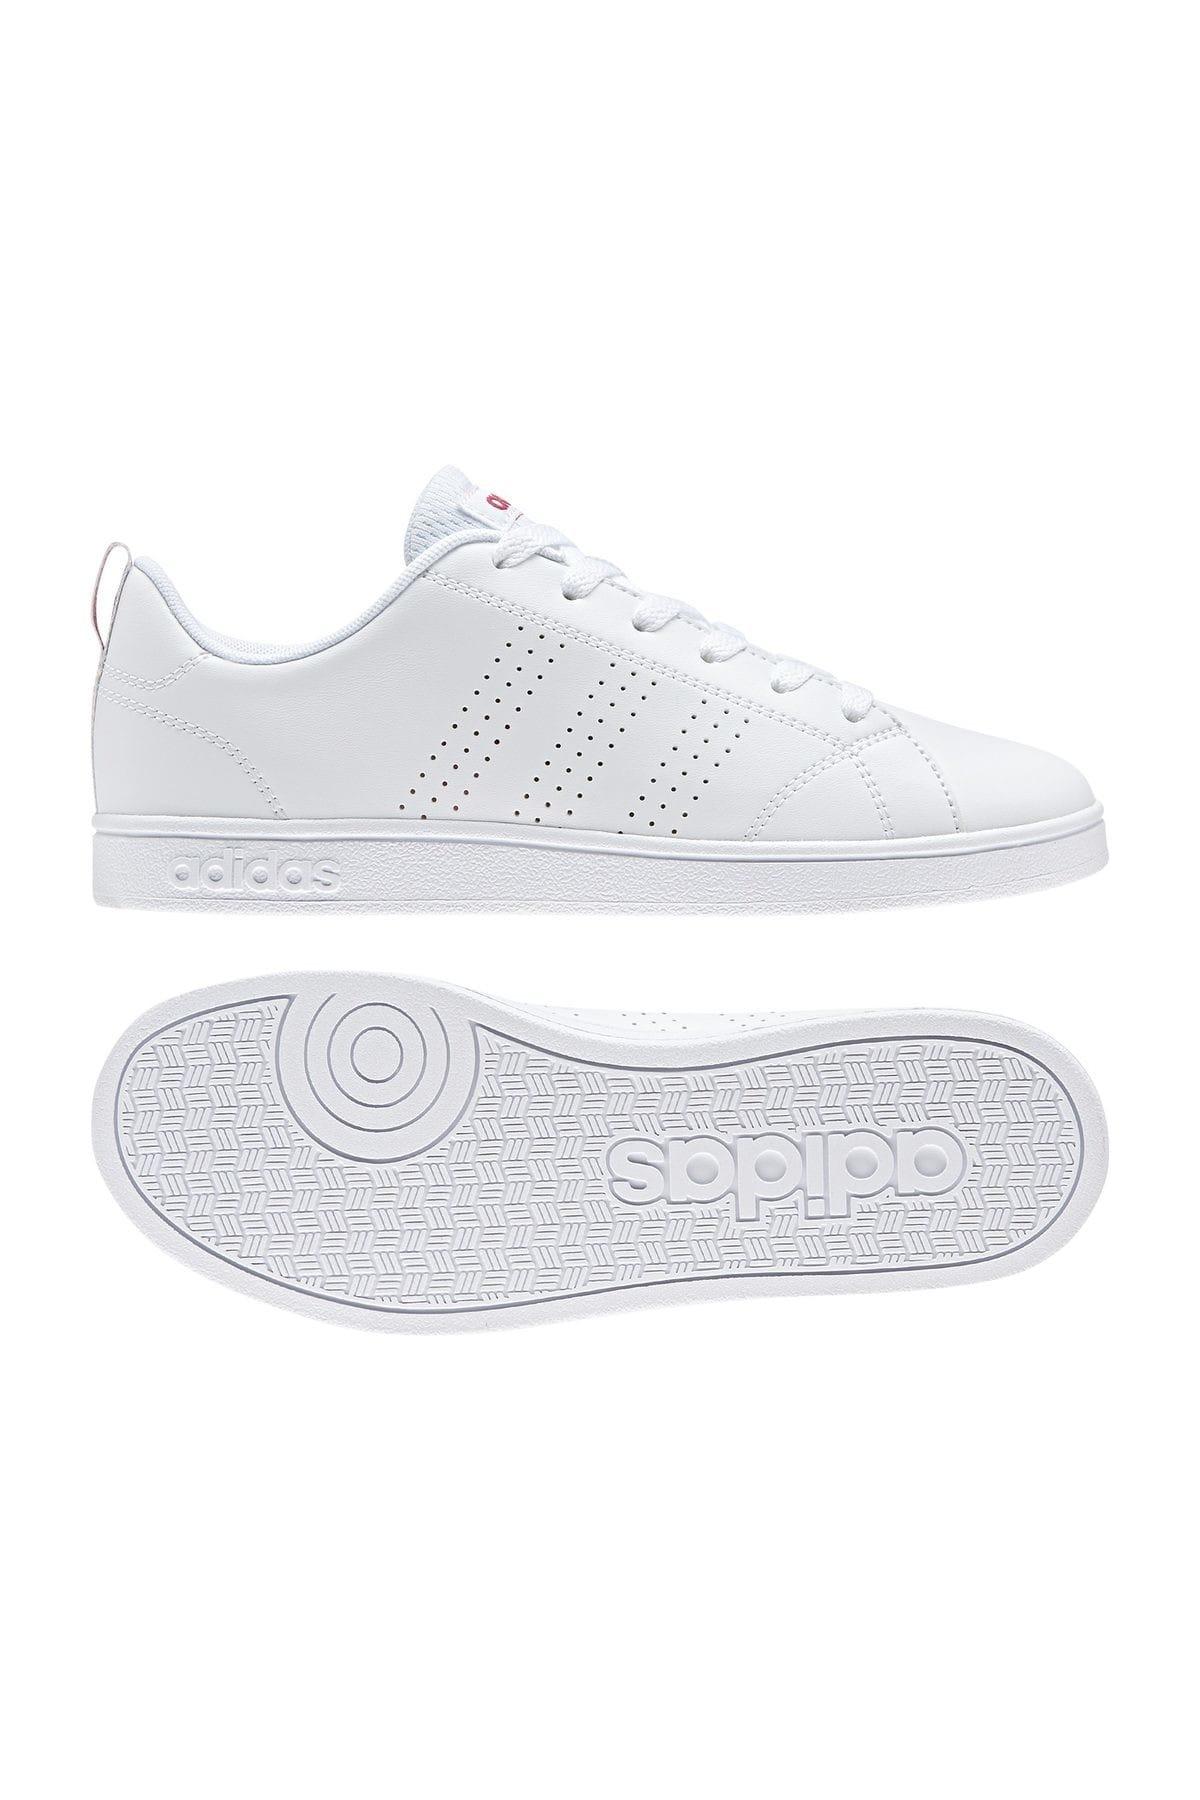 adidas VS Advantage Clean Beyaz Mercan Kız Çocuk Sneaker 100323765 1